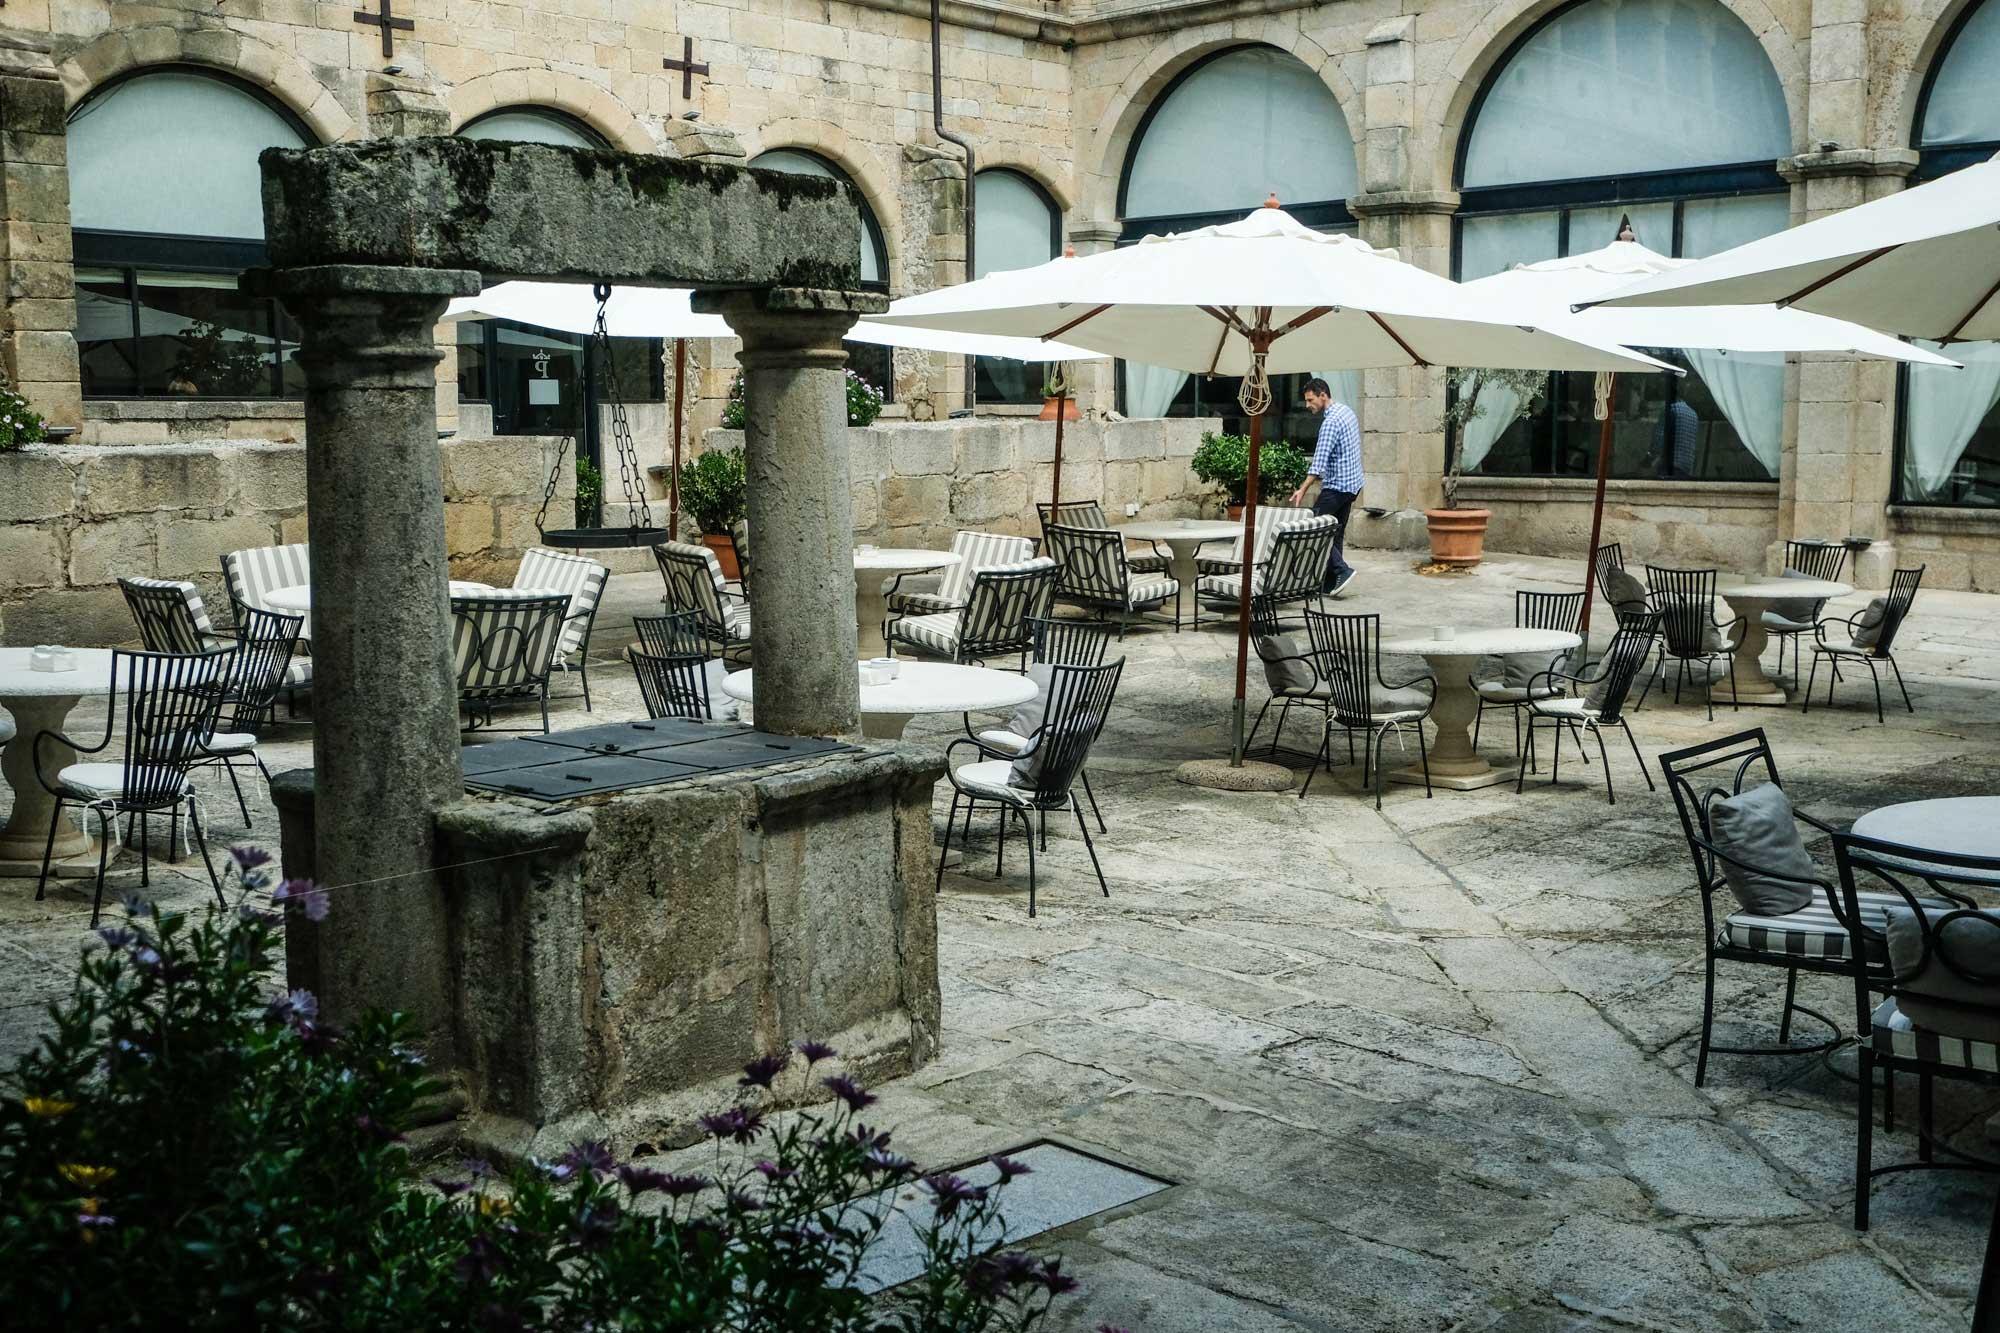 Claustro renacentista del alojamiento, convertido en terraza.